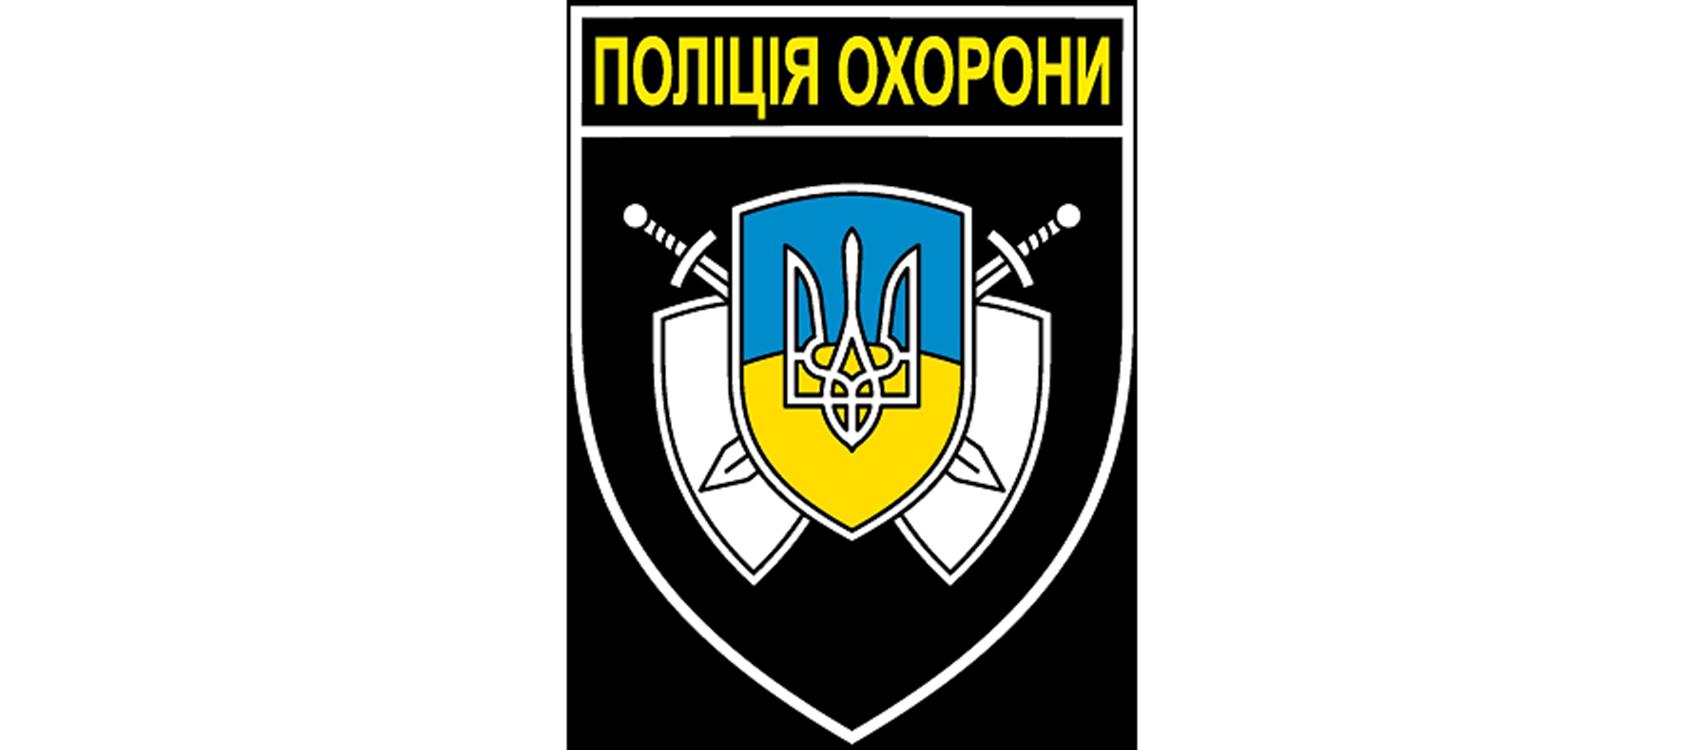 Управління Поліції Охорони в м. Києві